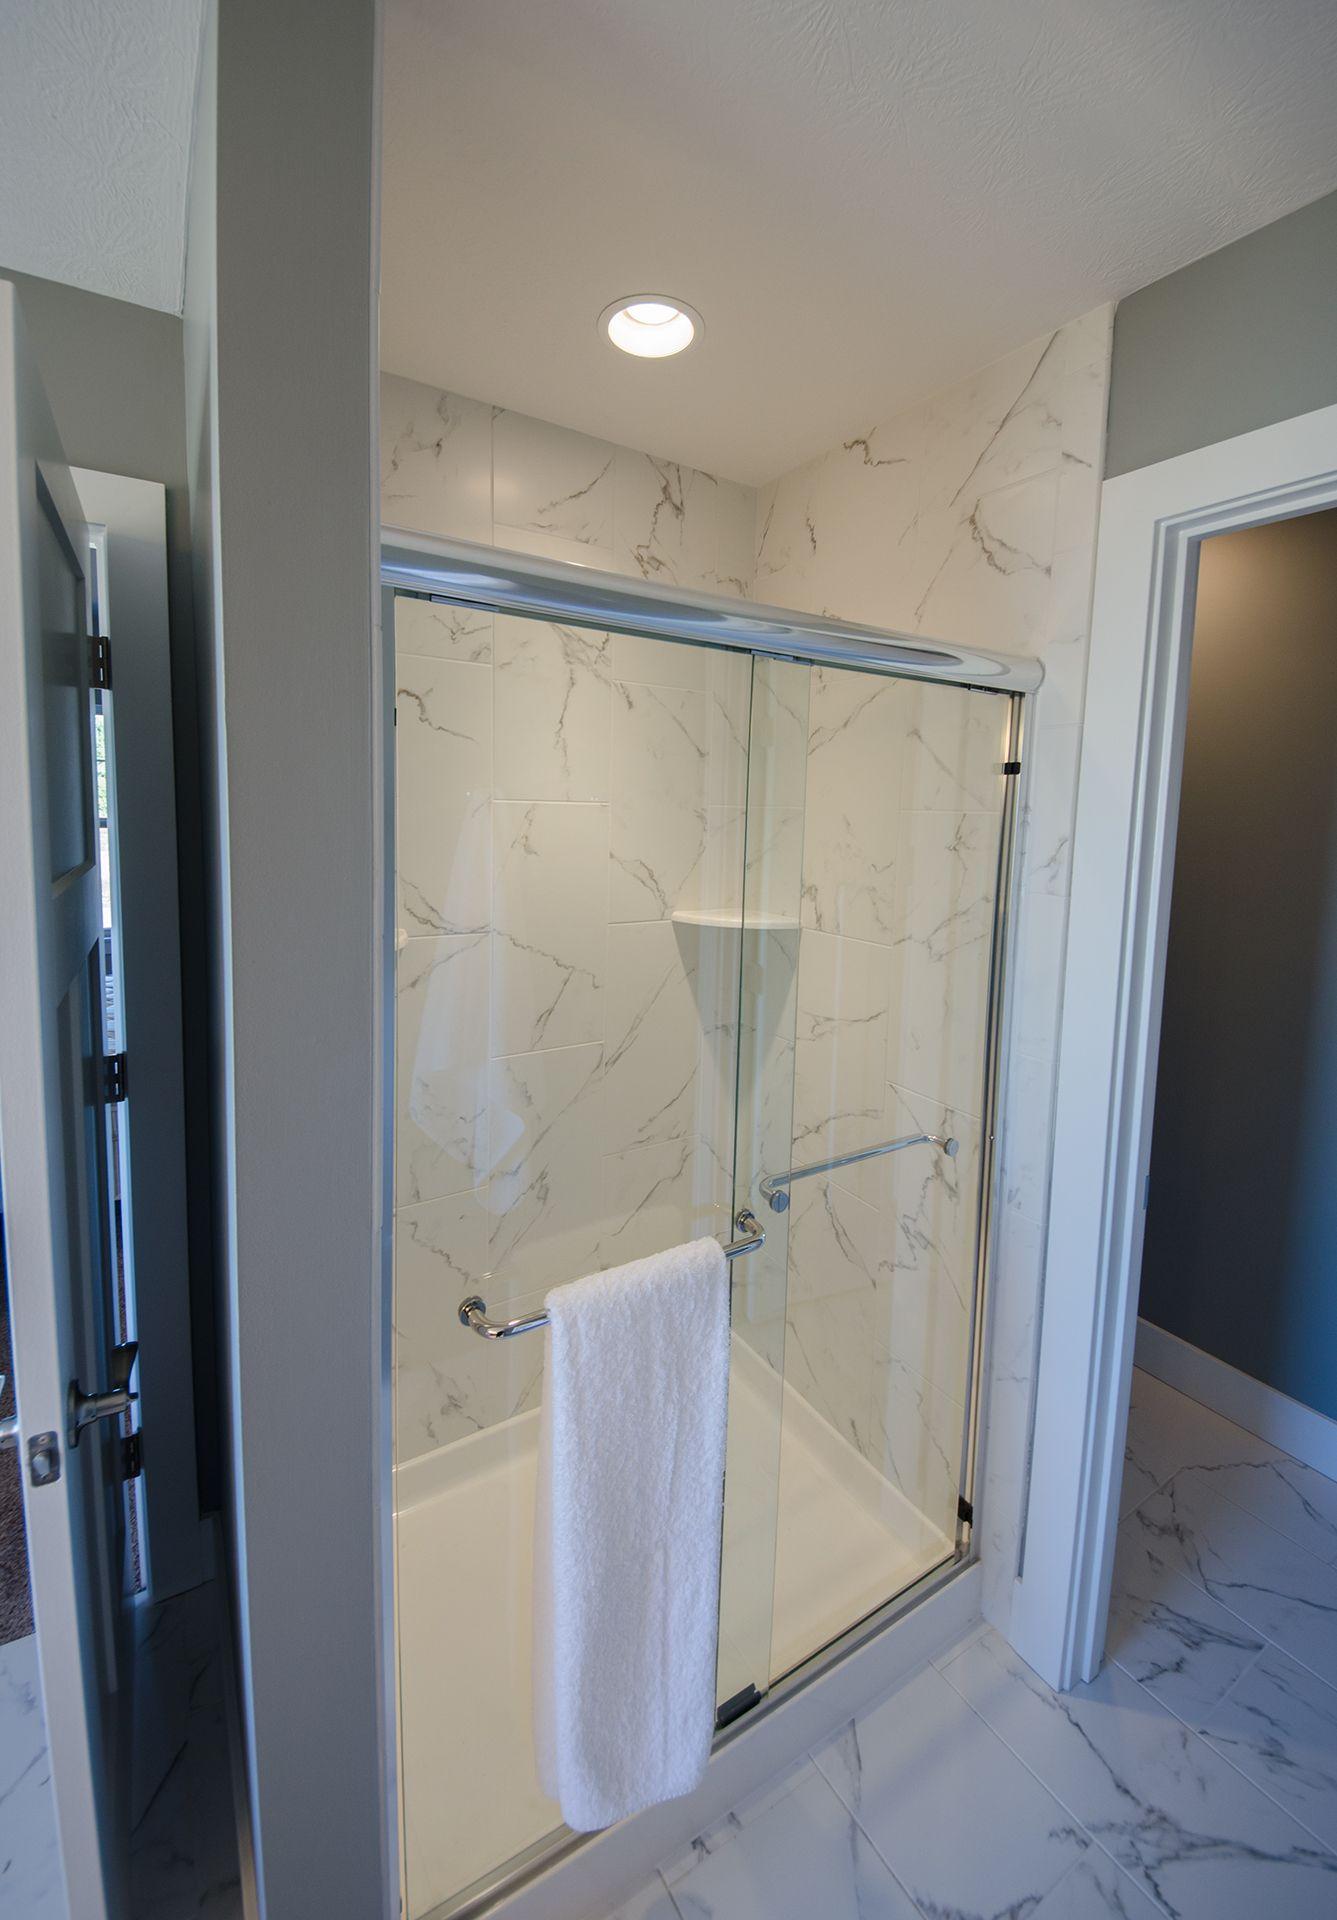 Custom Builtdesign Homes & Development Co Dayton Oh Amusing Dayton Bathroom Remodeling Review